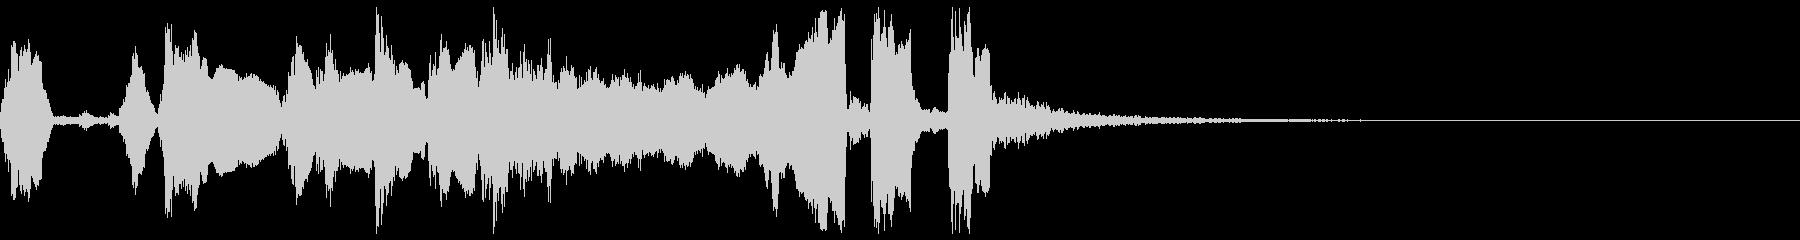 シンプルなファンファーレ3+Drの未再生の波形